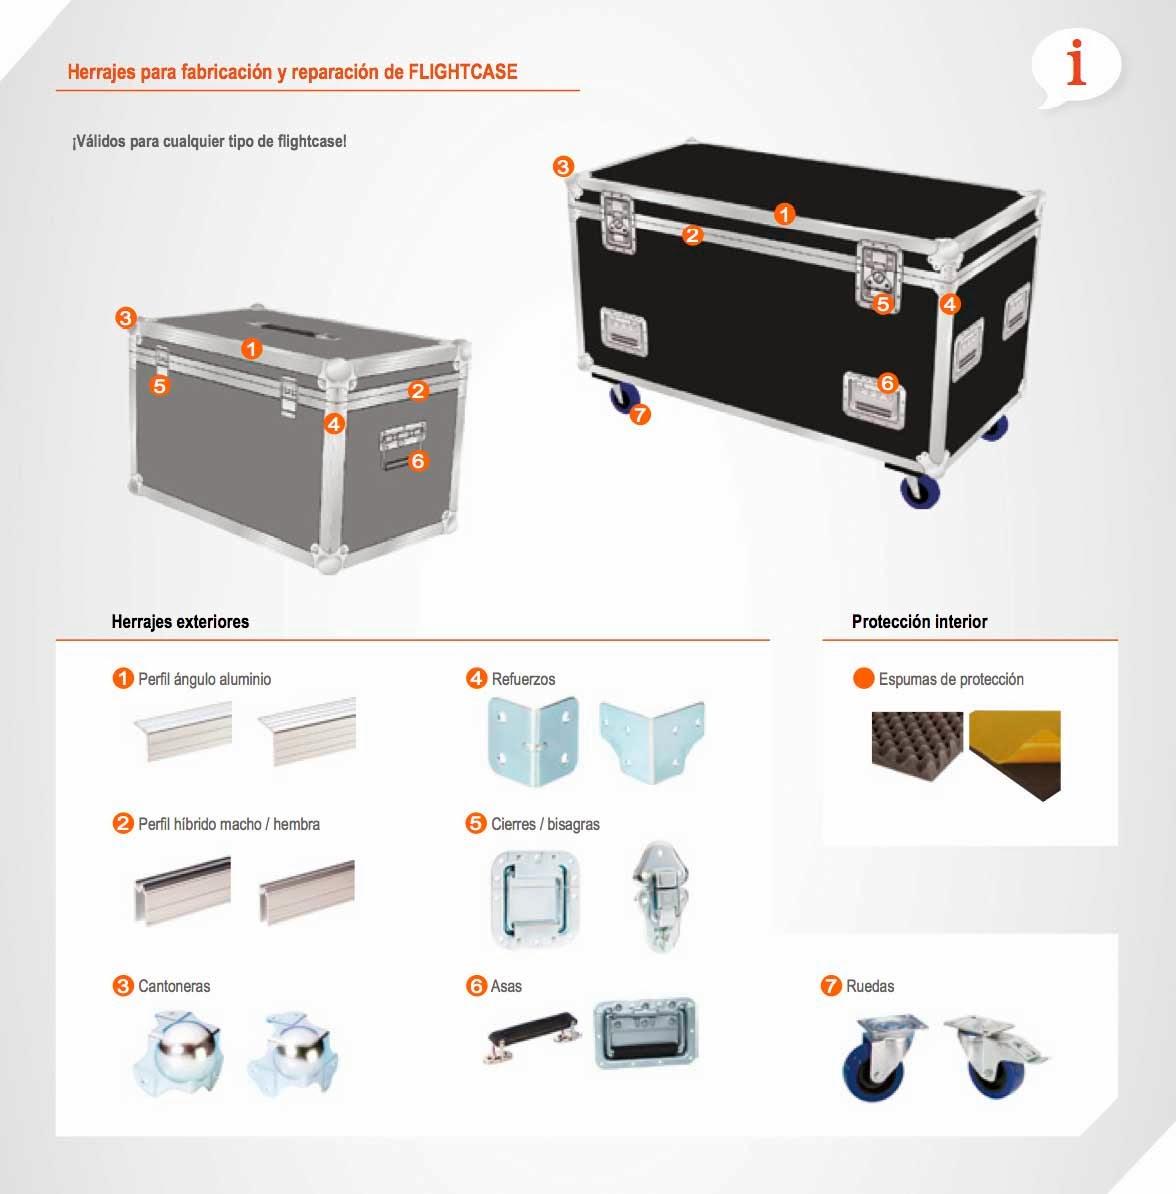 Siluj herrajes y accesorios para fabricar un flighcase for Herrajes para toldos de aluminio